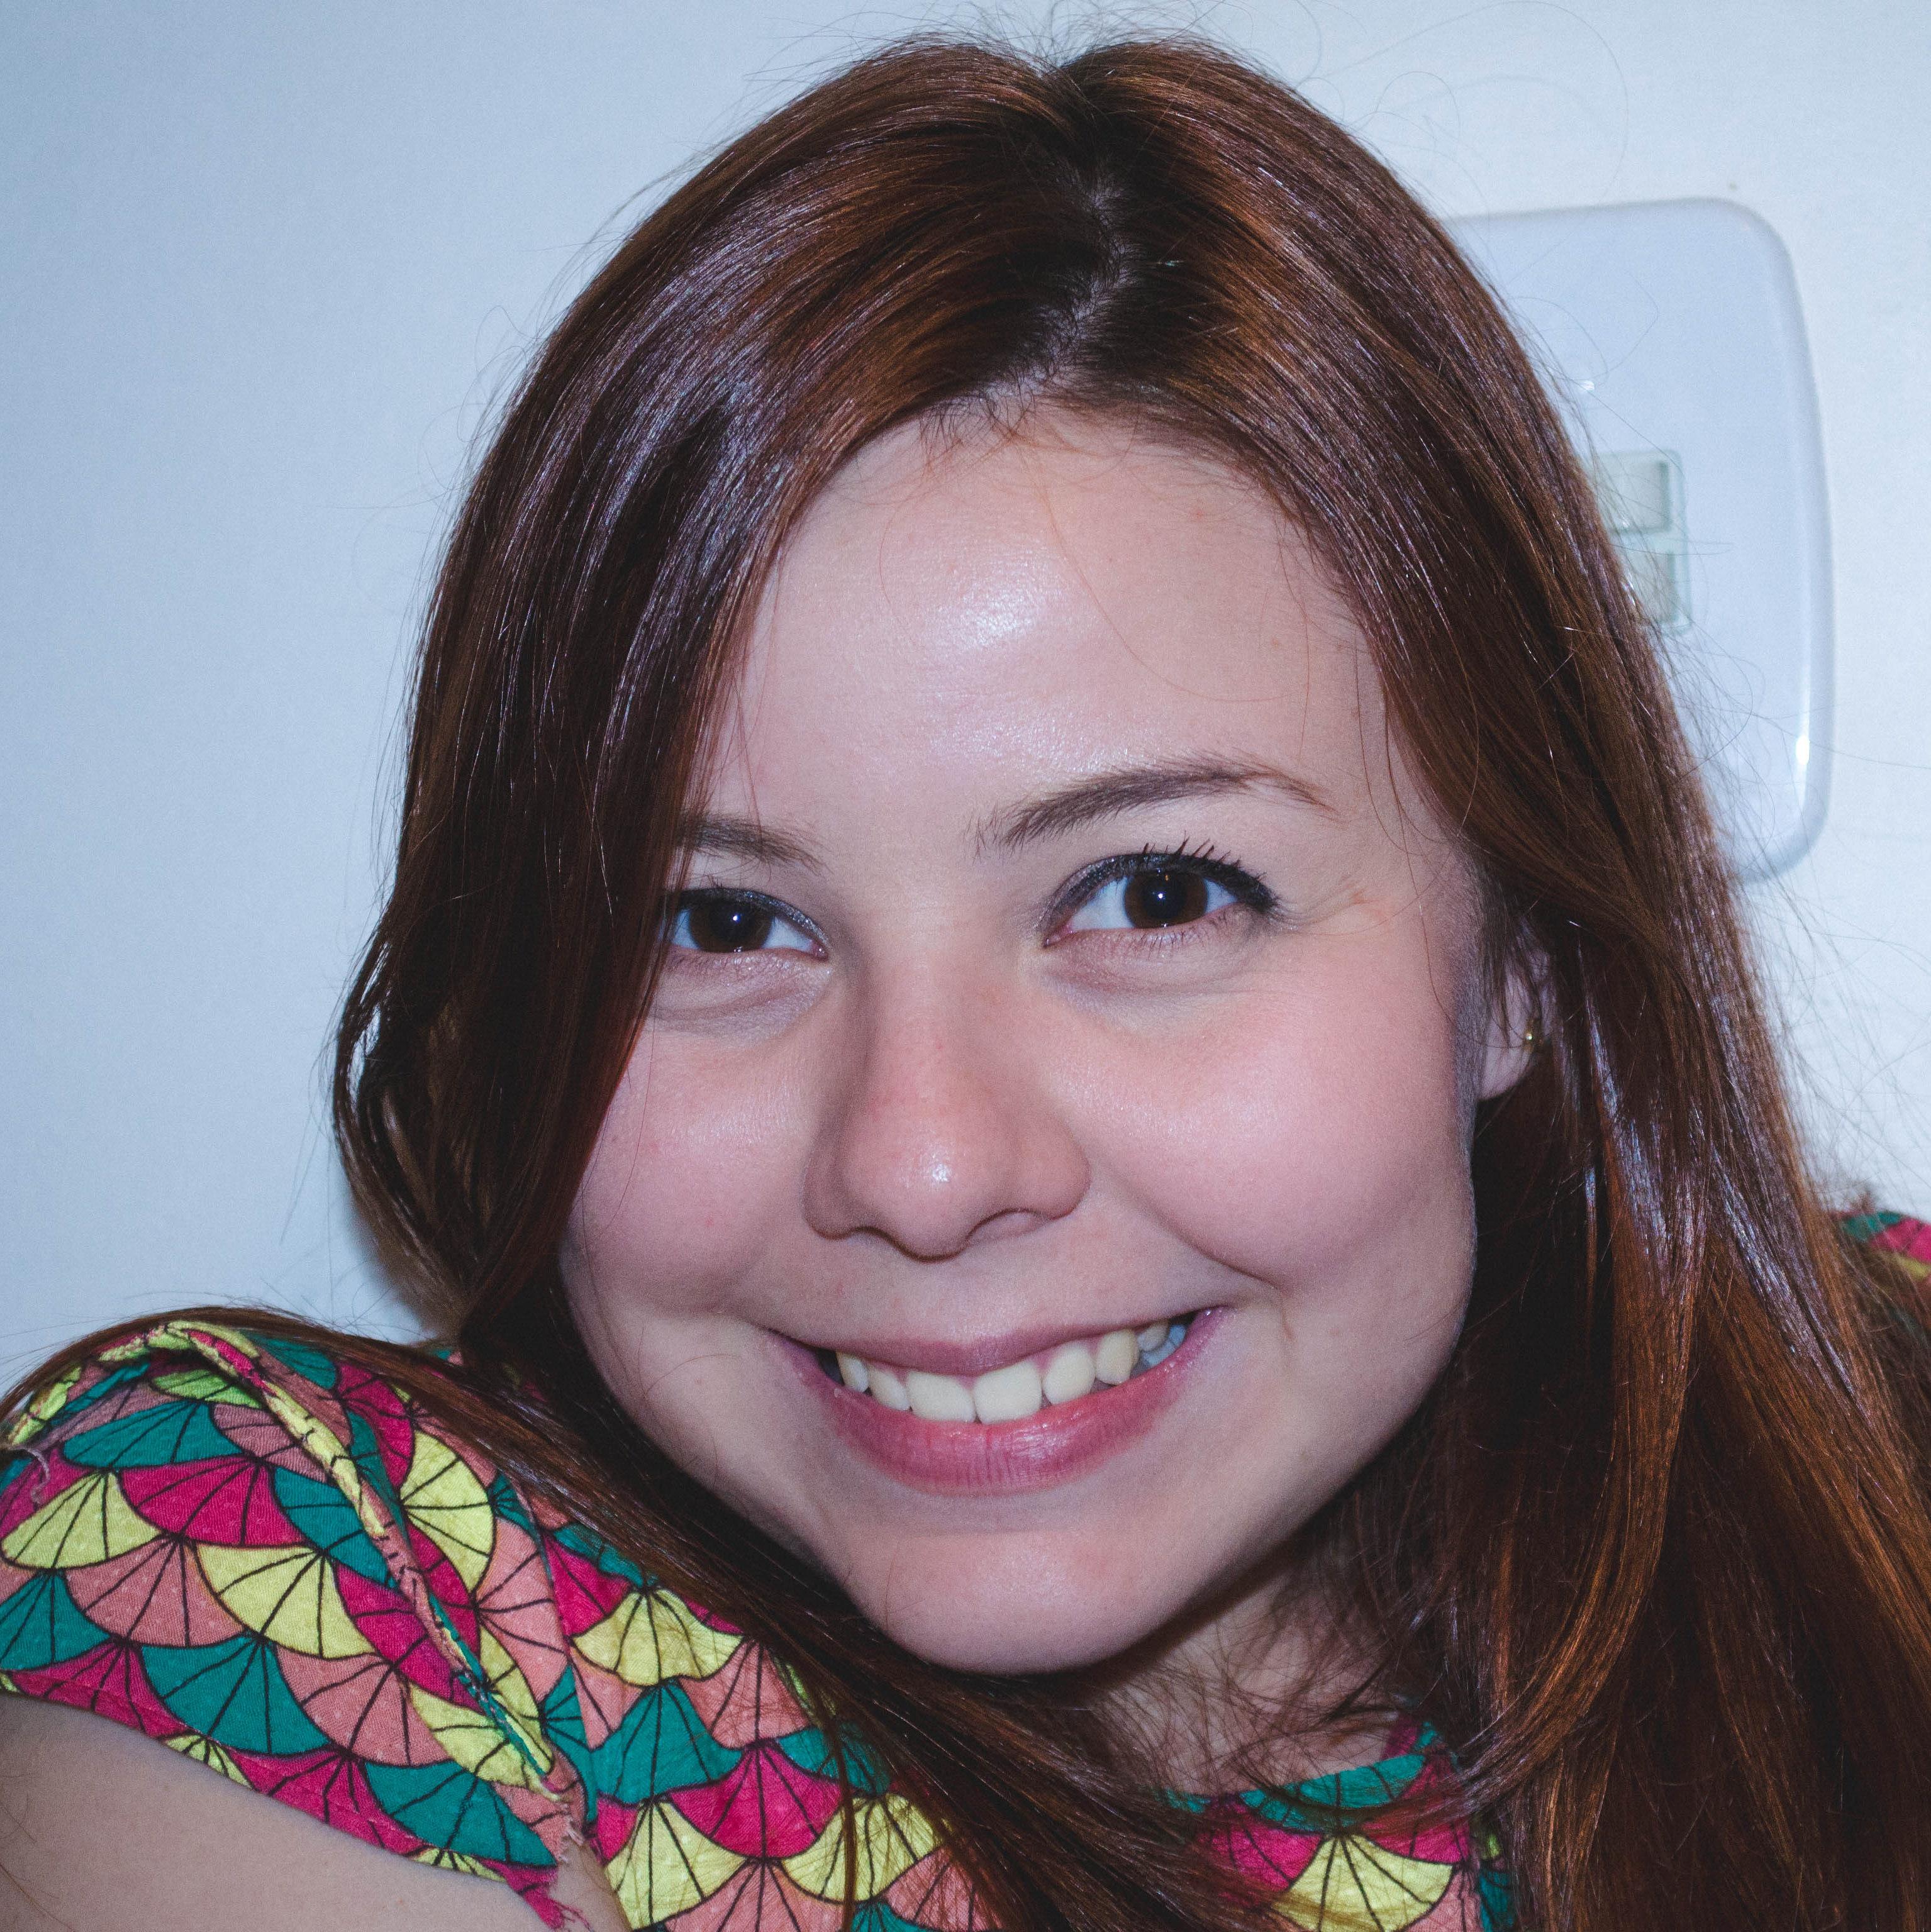 Rebecca Carolline Moraes da Silva